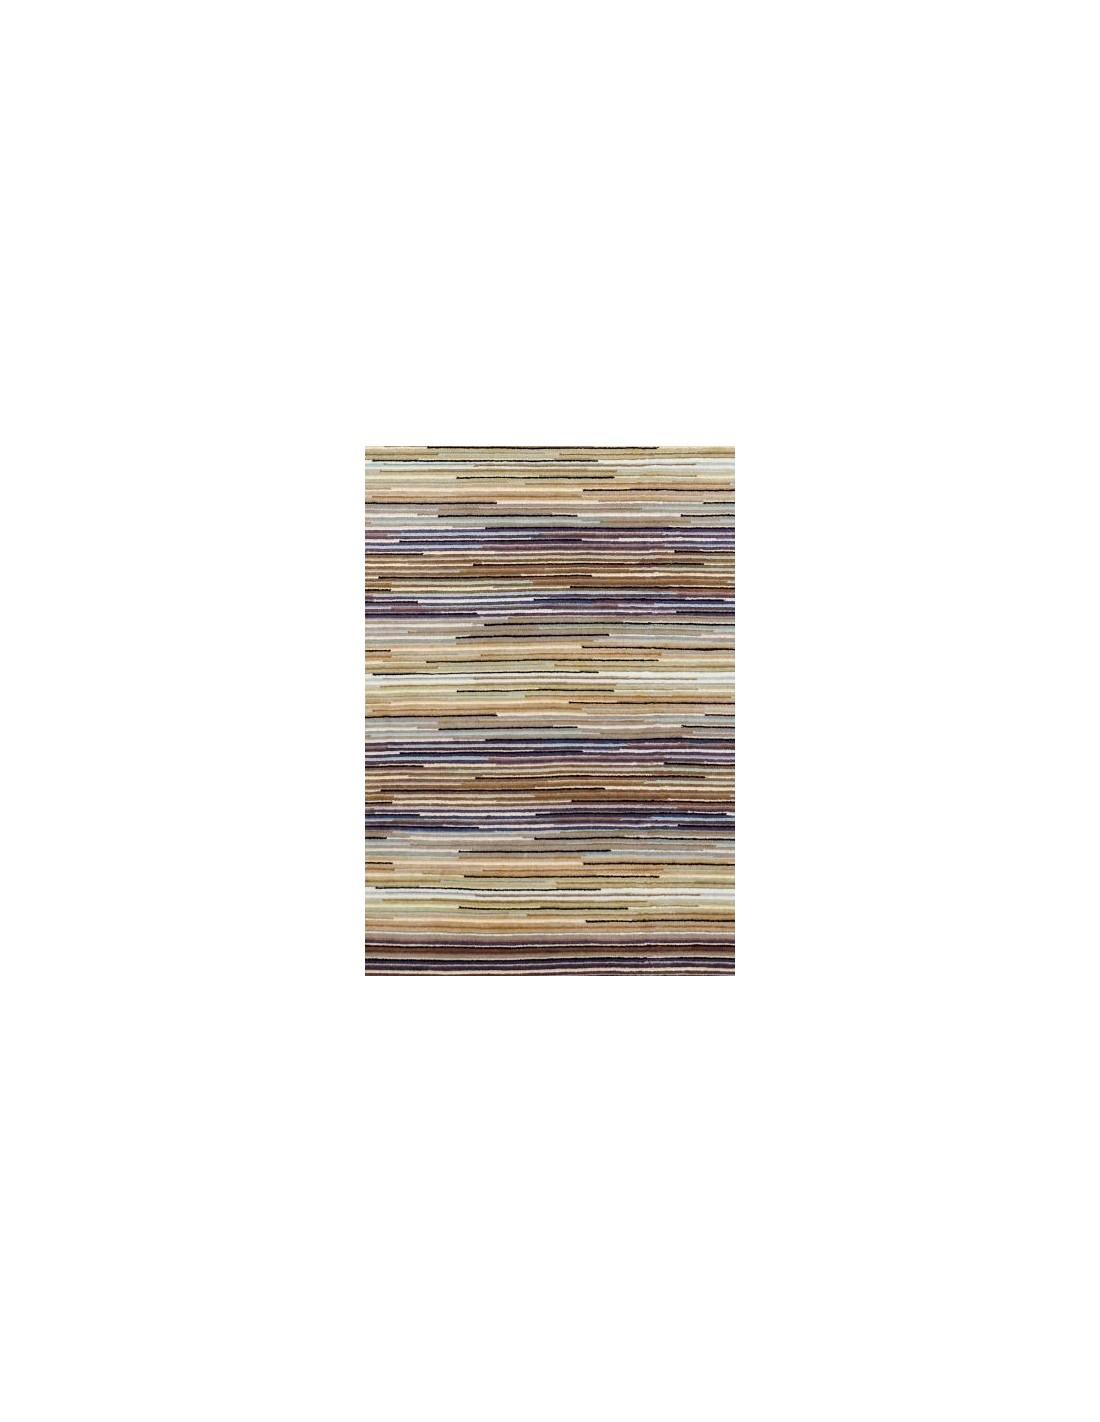 Contemporary rug Tappeto Missoni Home Porto marrone 160 cm.170x240 designed by Missoni Home